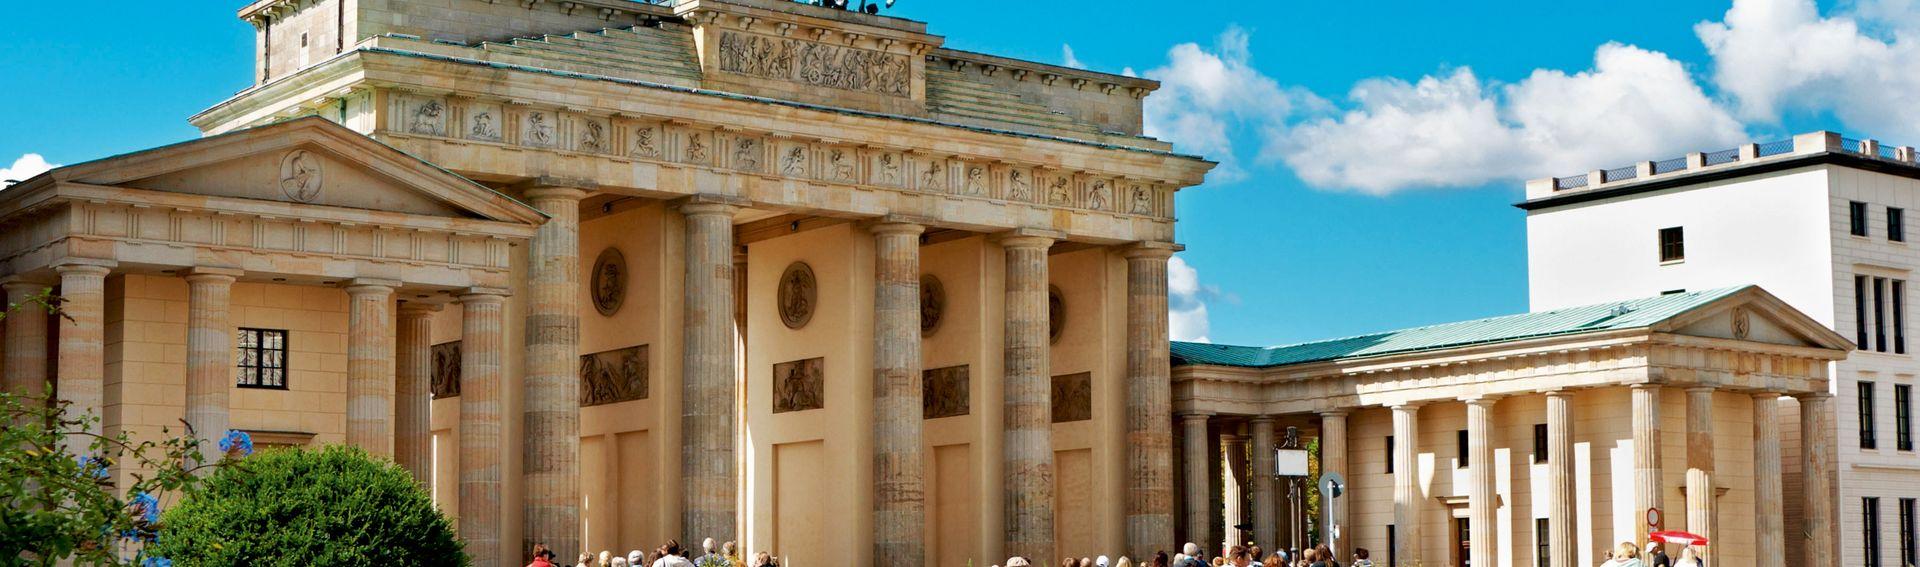 Berlin (État fédéral)